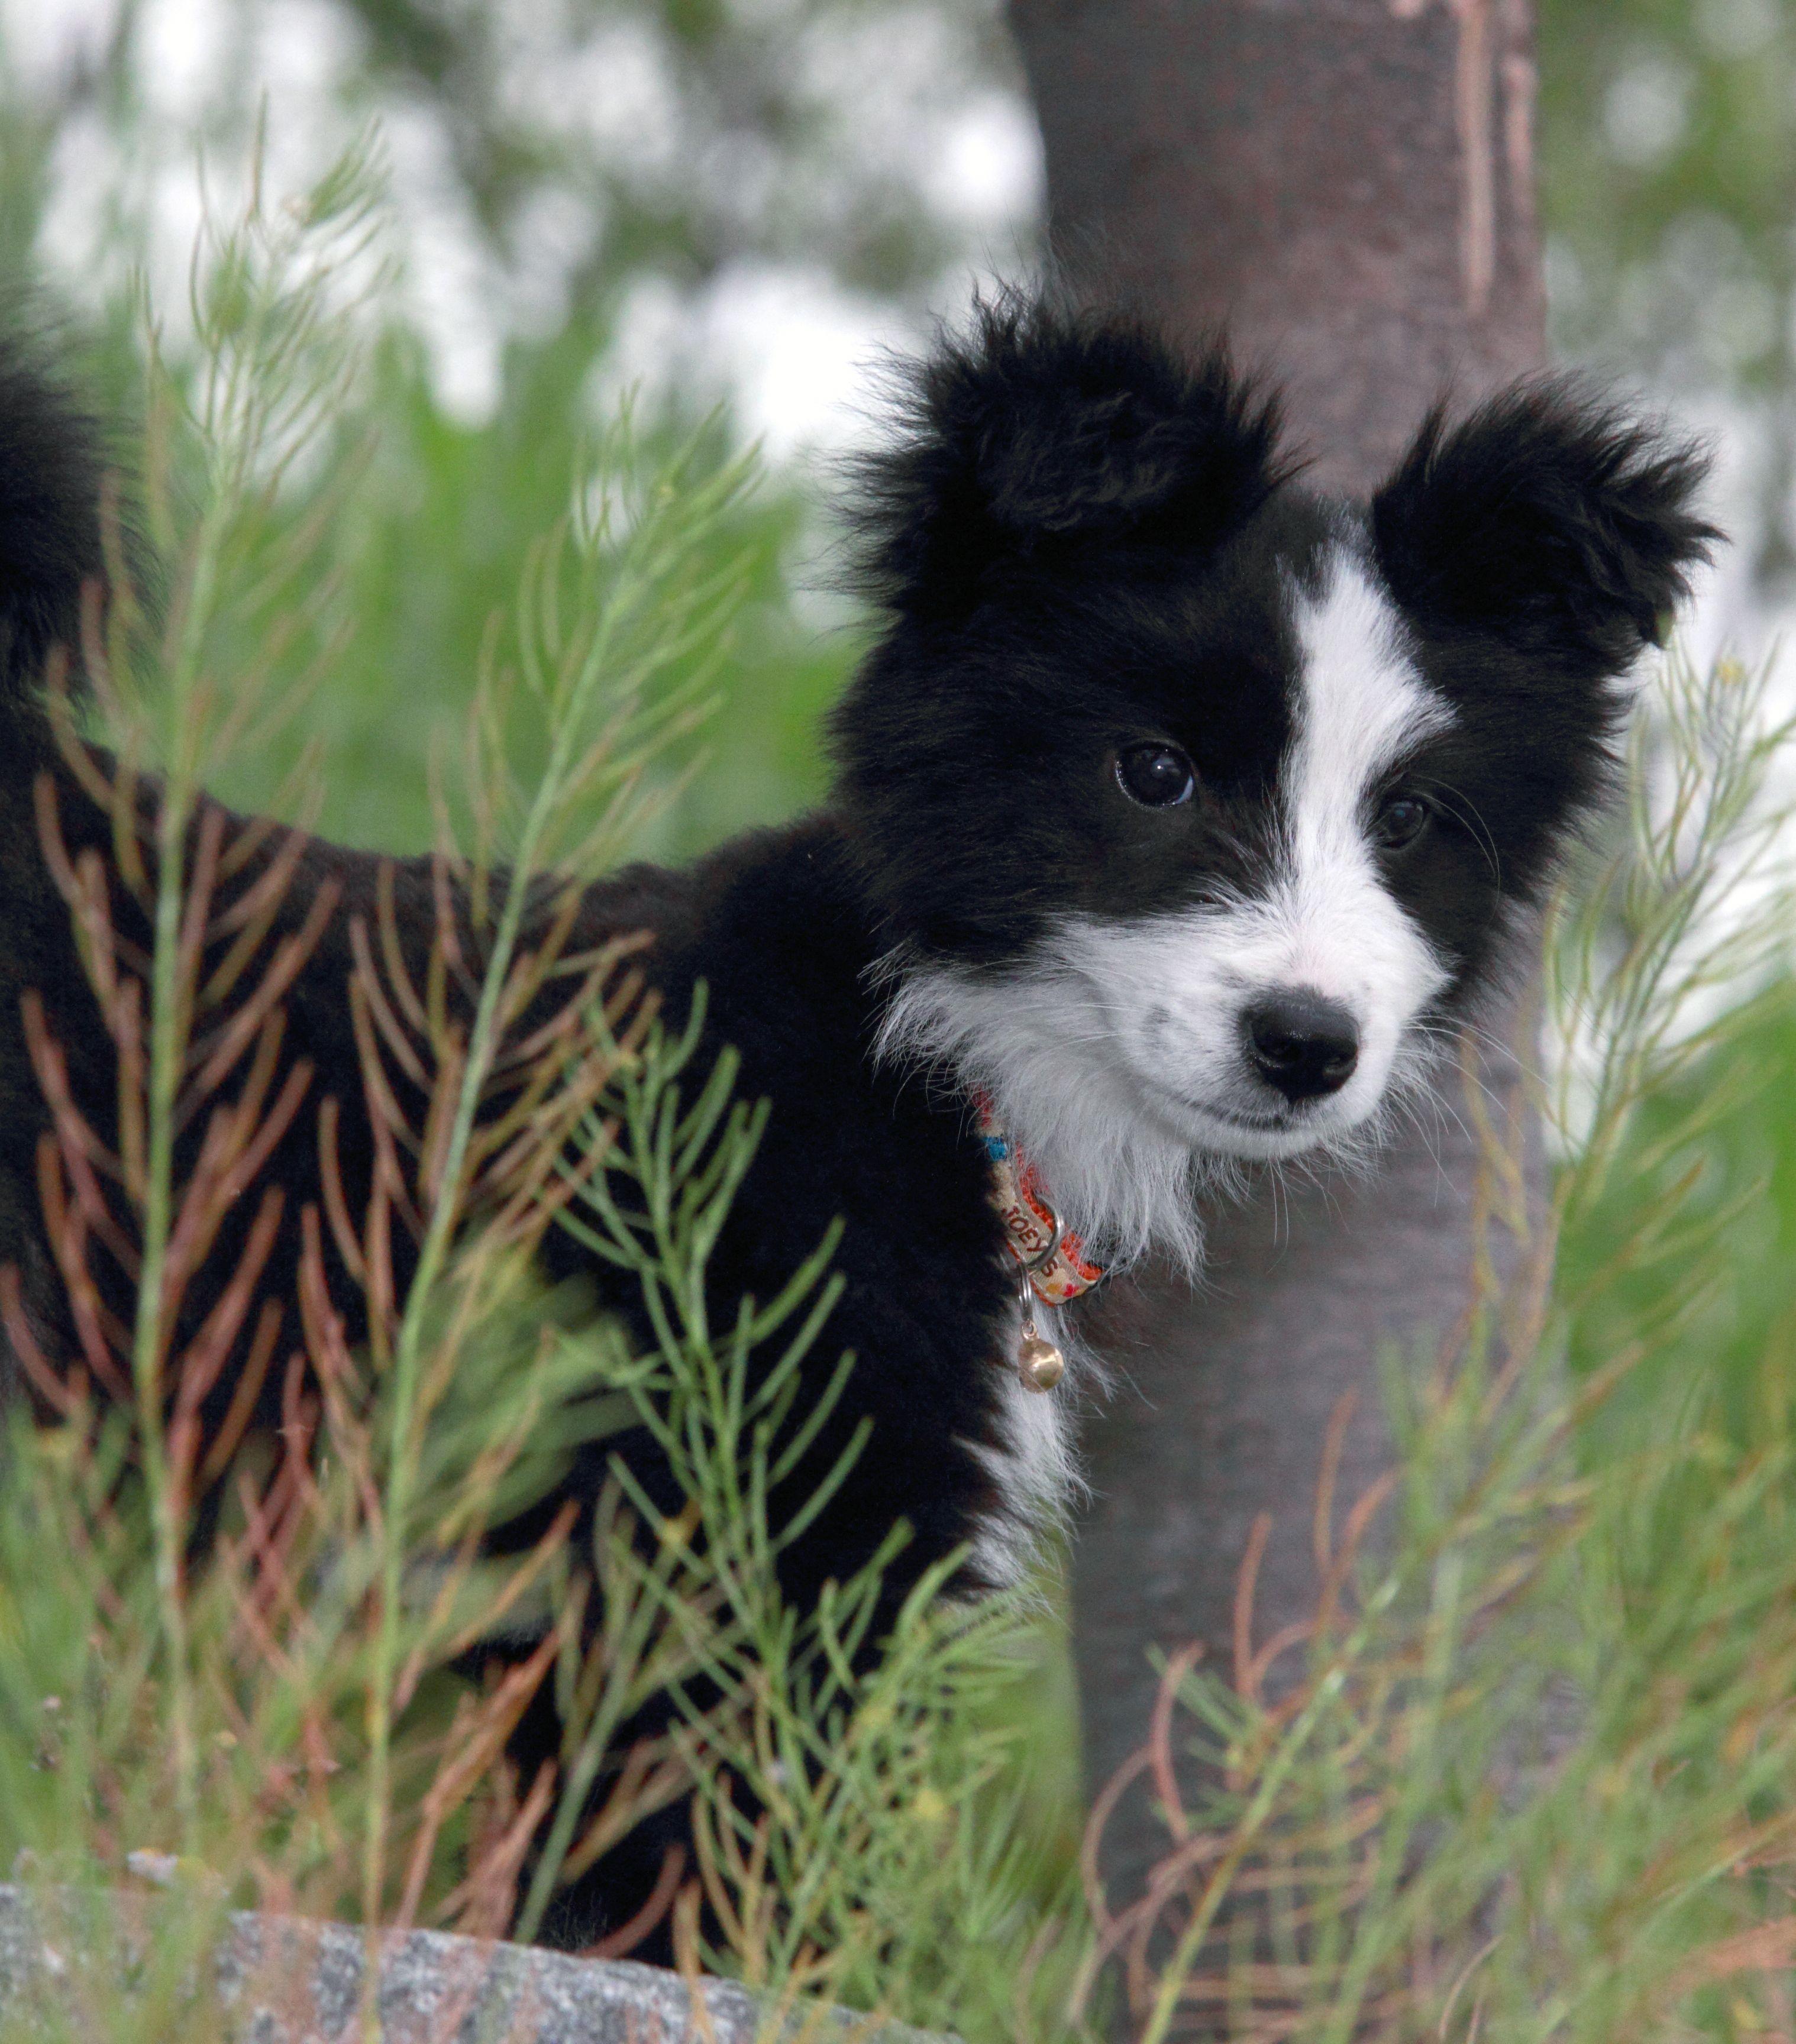 Border Collie Black And White Puppy 06 17 2011 Bordercollie